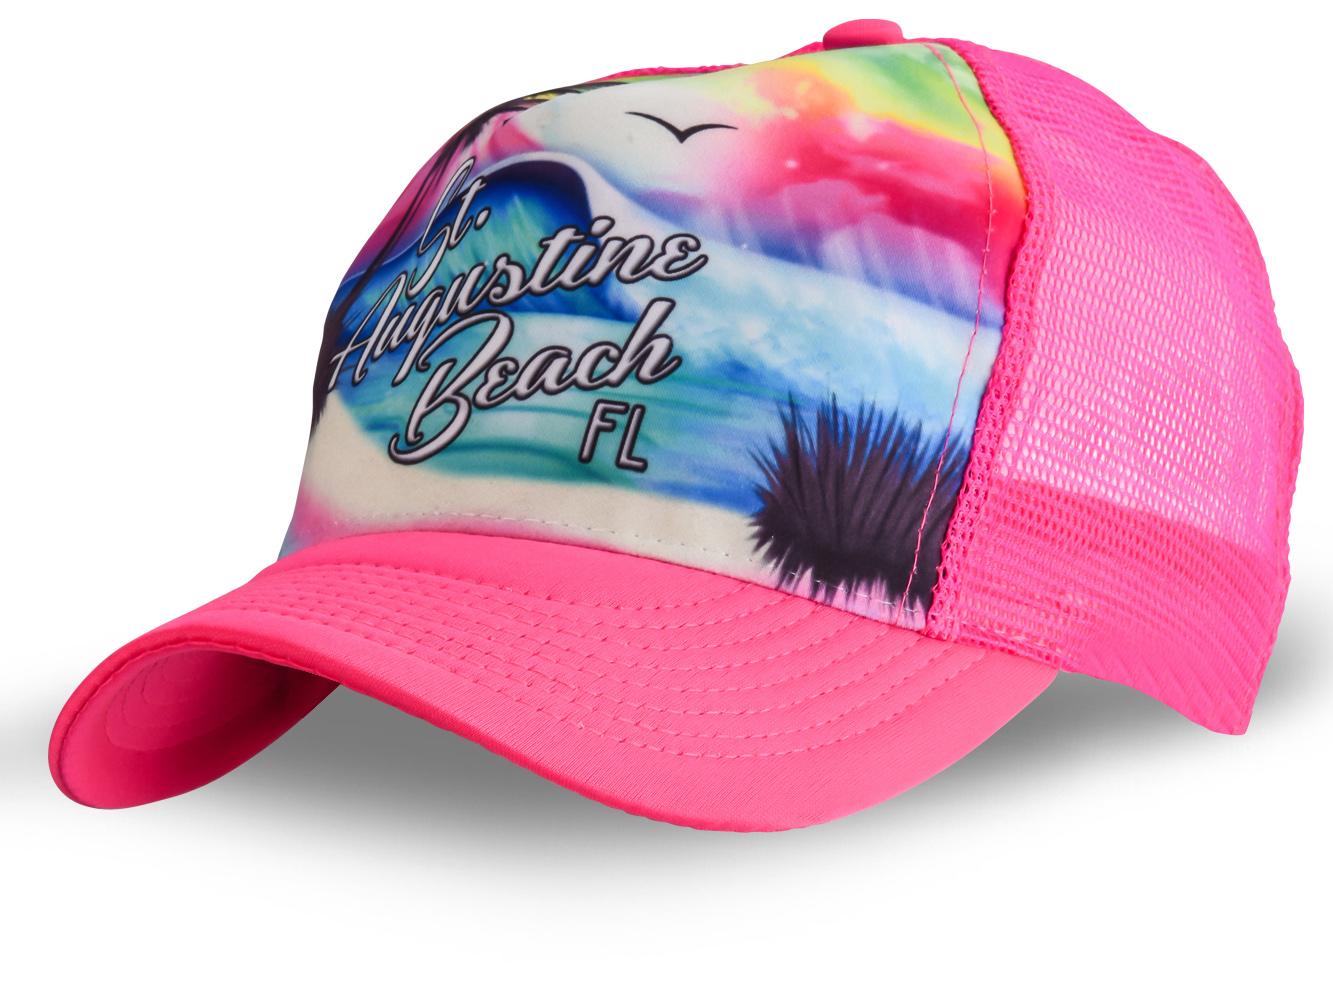 Розовая бейсболка с сеткой - купить в интернет-магазине с доставкой